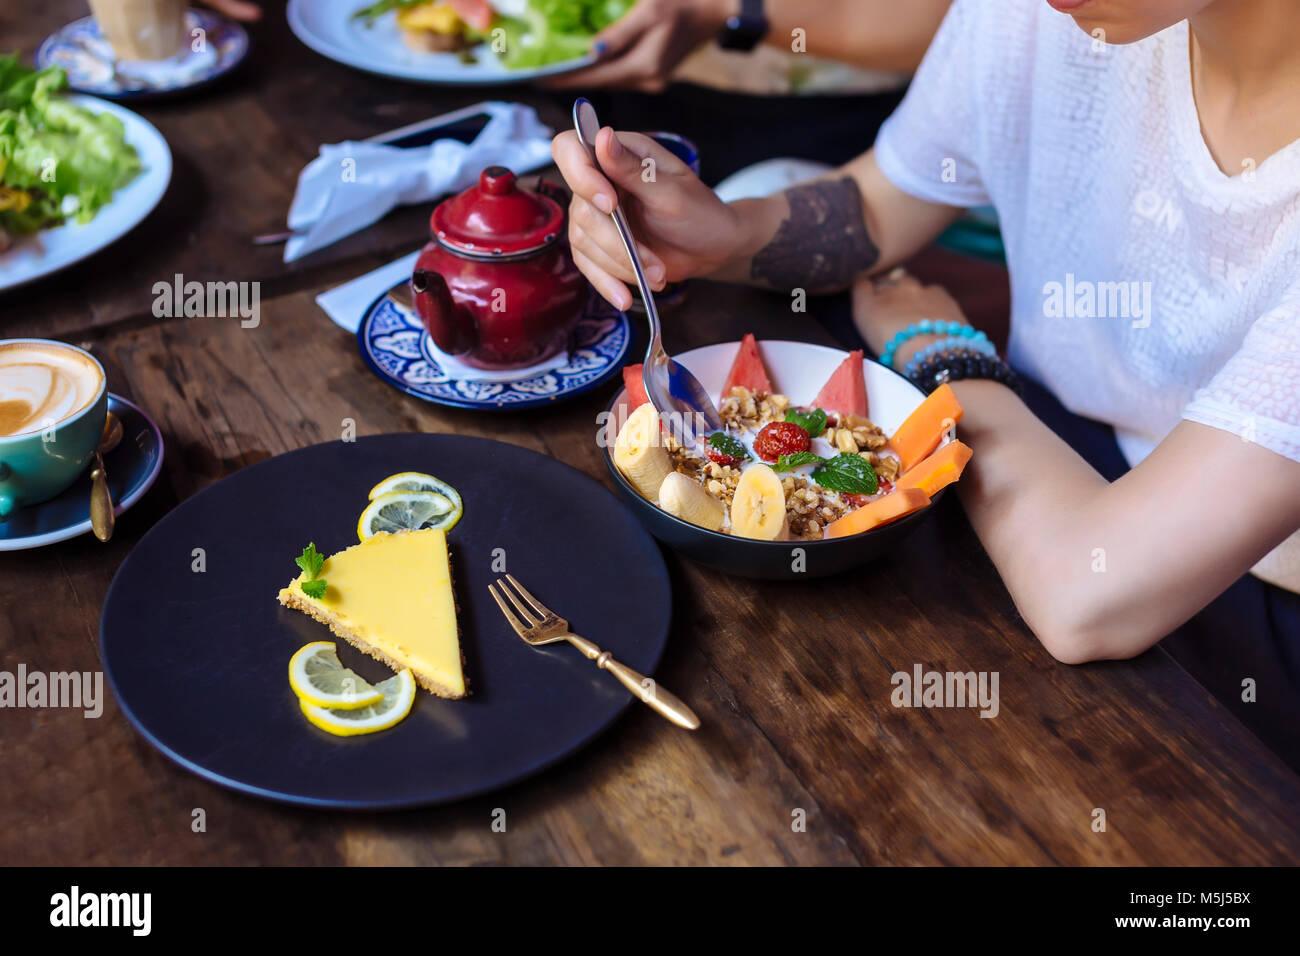 Donna con un pasto sano in un cafe Immagini Stock